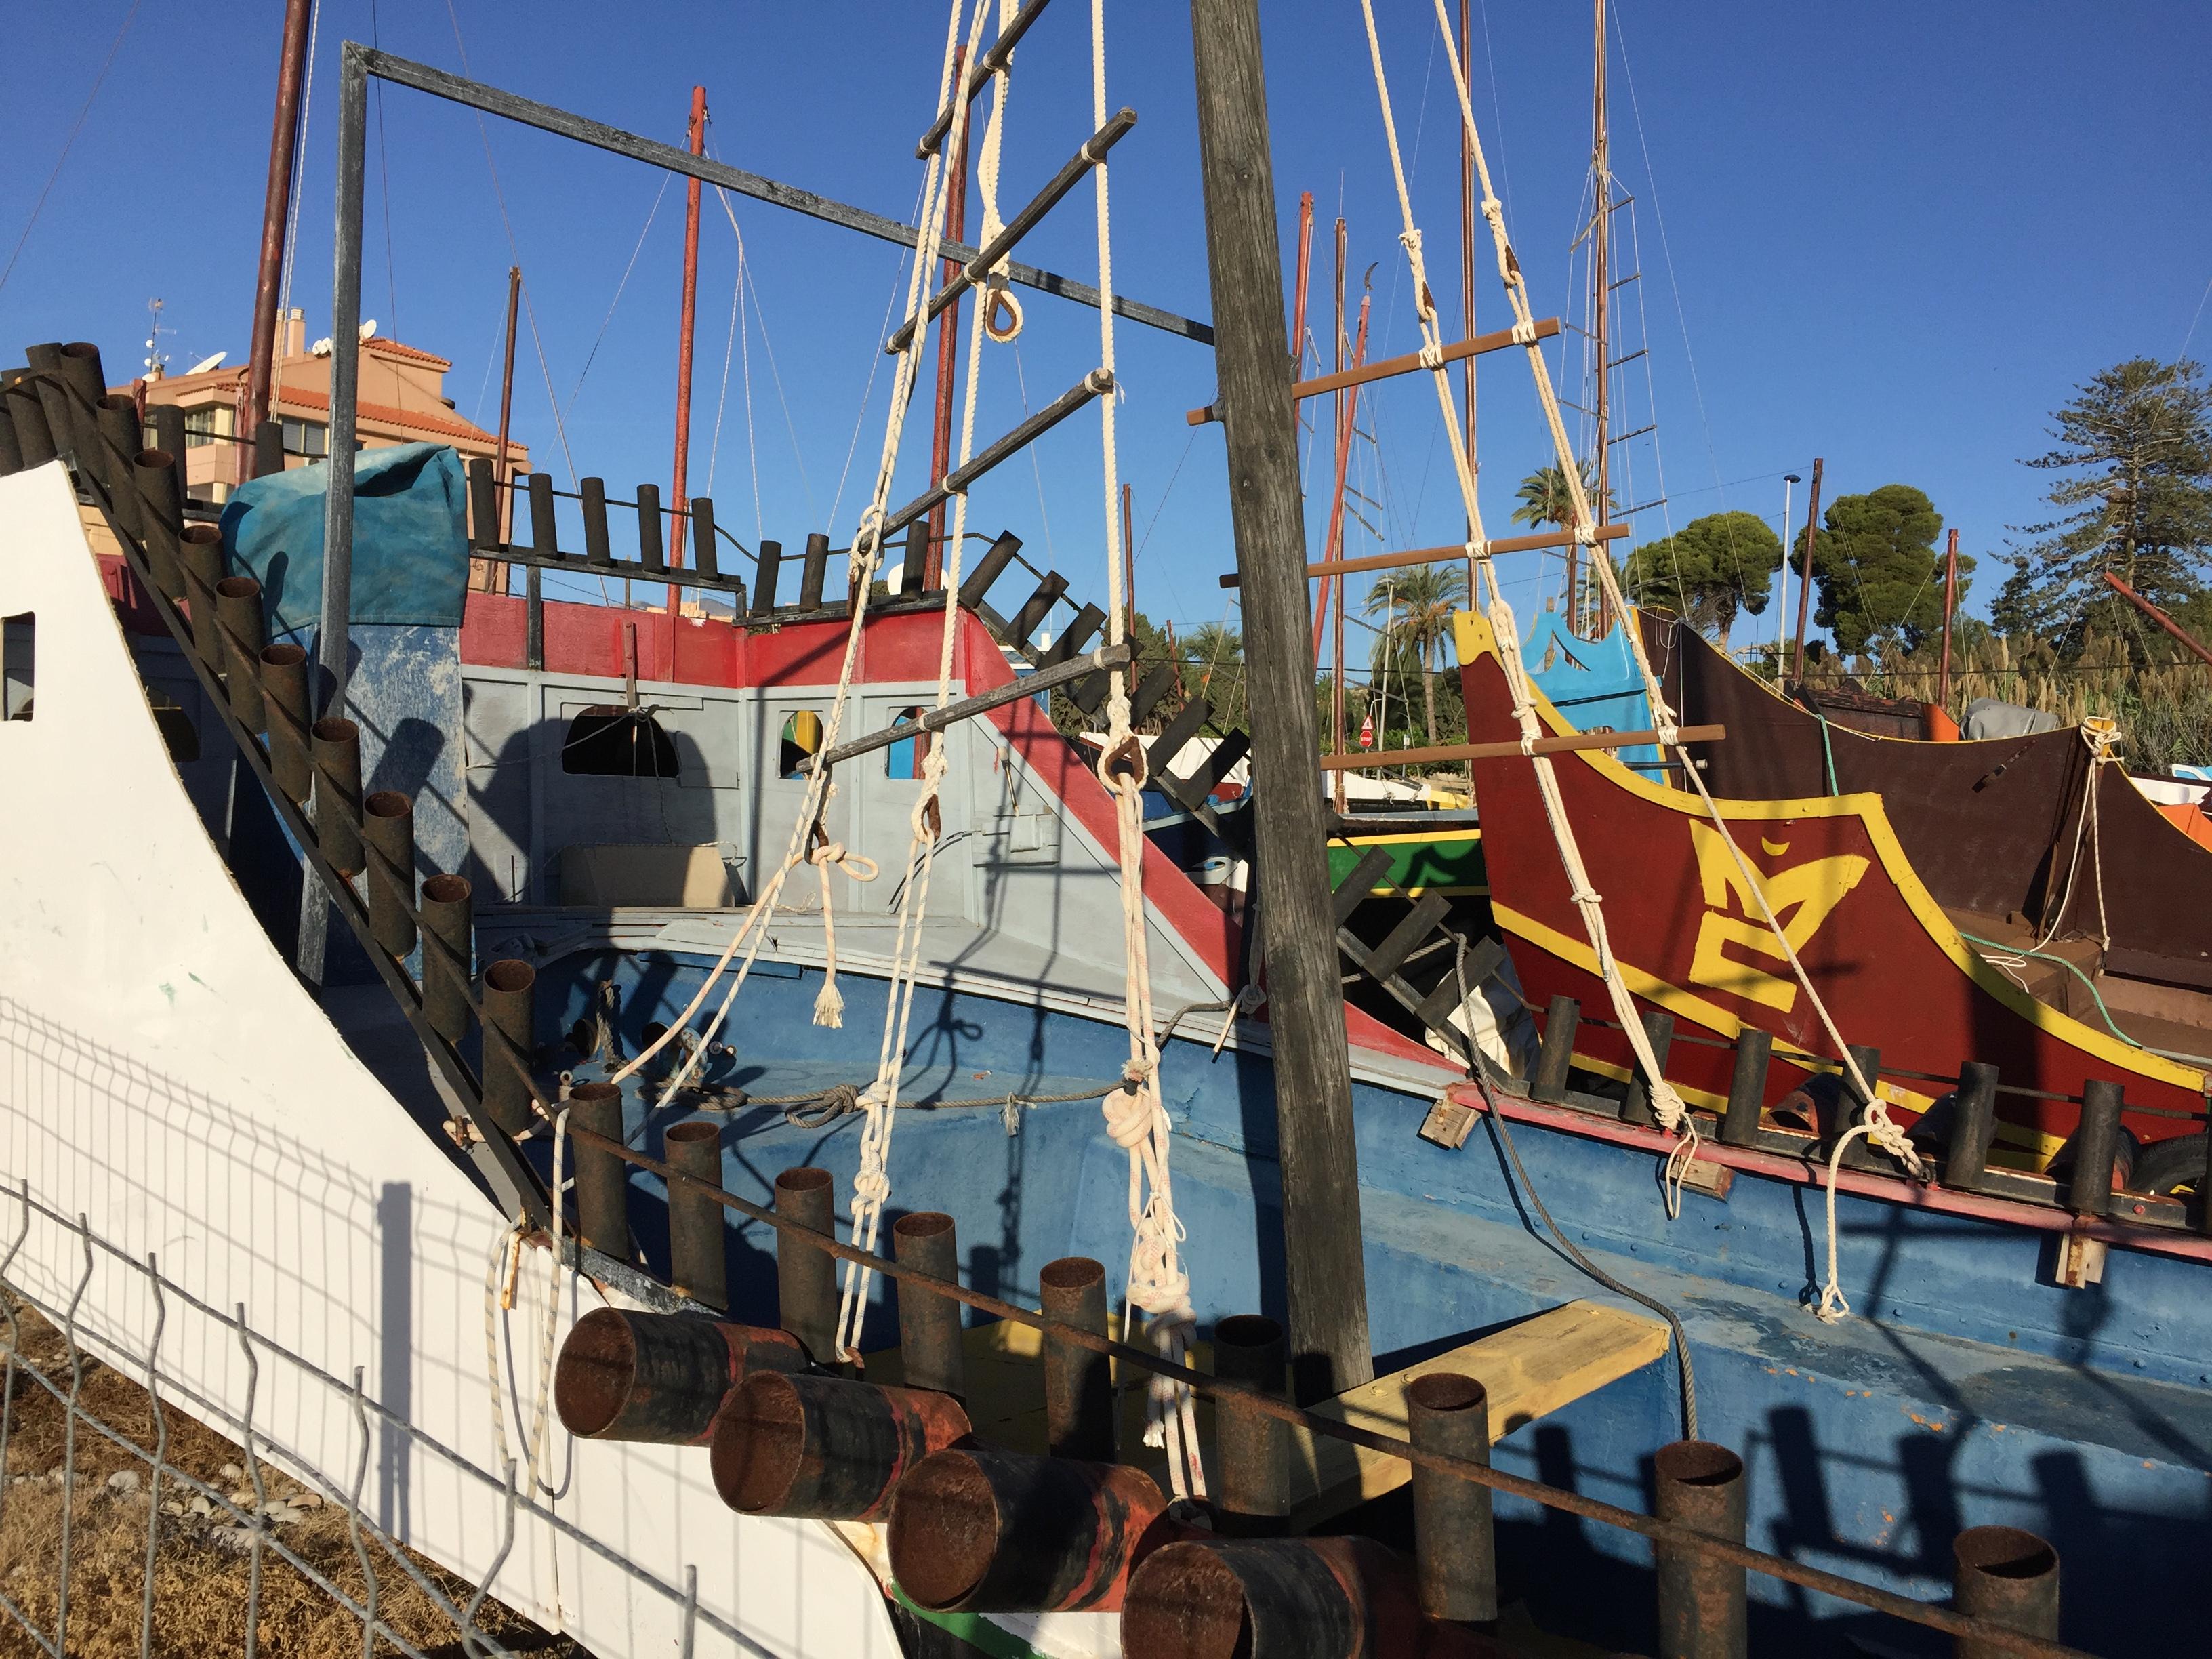 Boats Moros y Cristianos